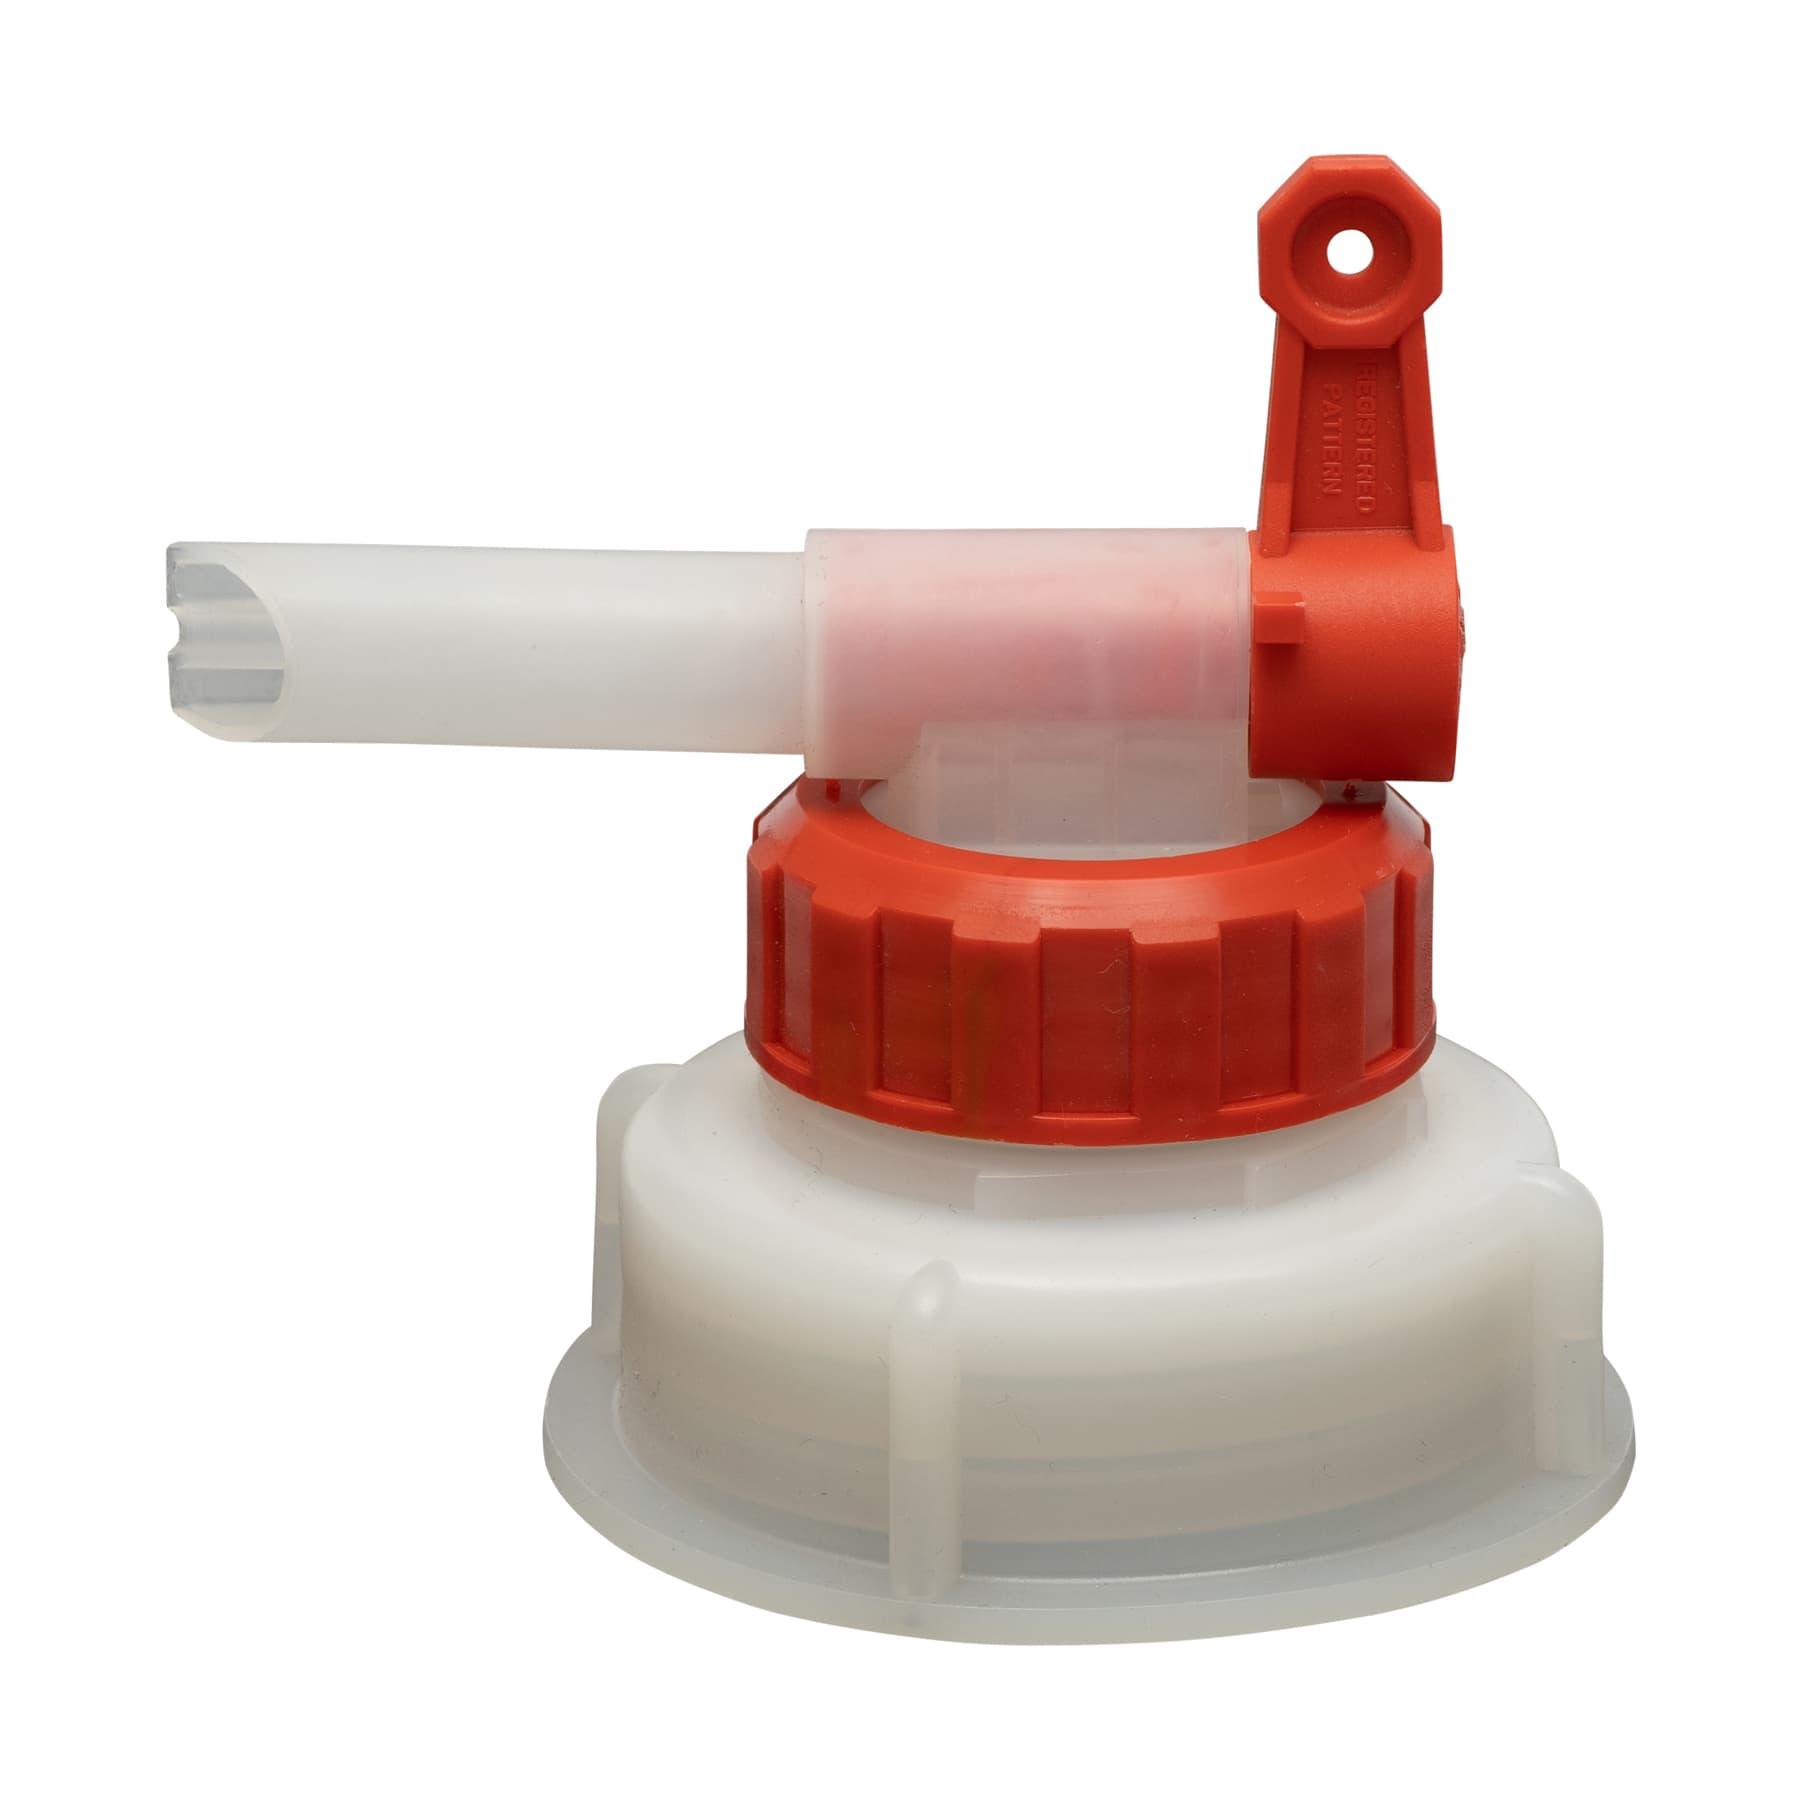 Dosierhahn für 30 L Kanister 61 mm Gewinde, 12 mm Öffnung